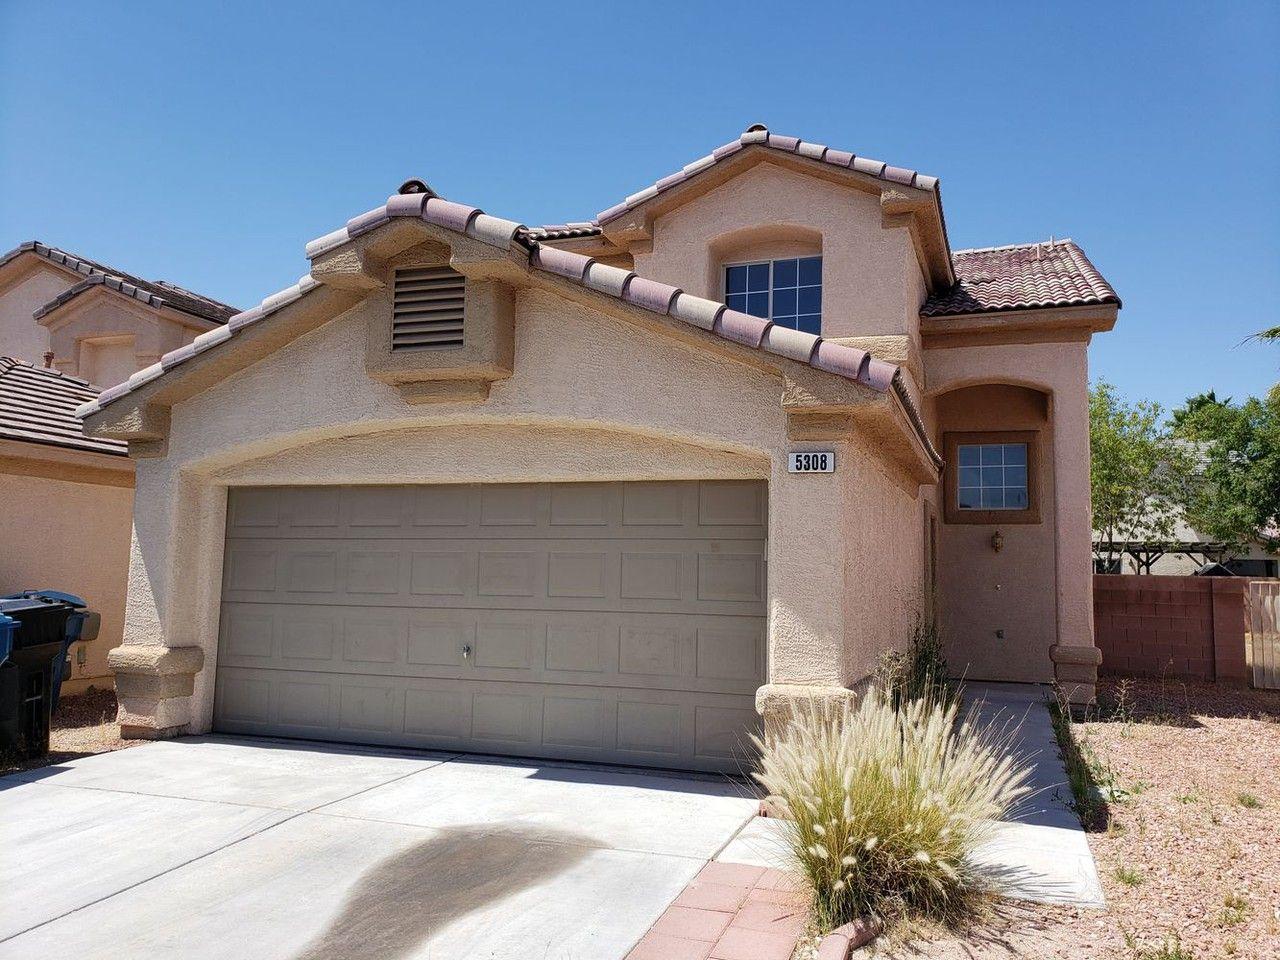 5308 Corbett St, Las Vegas, NV 89130 3 Bedroom House for ...